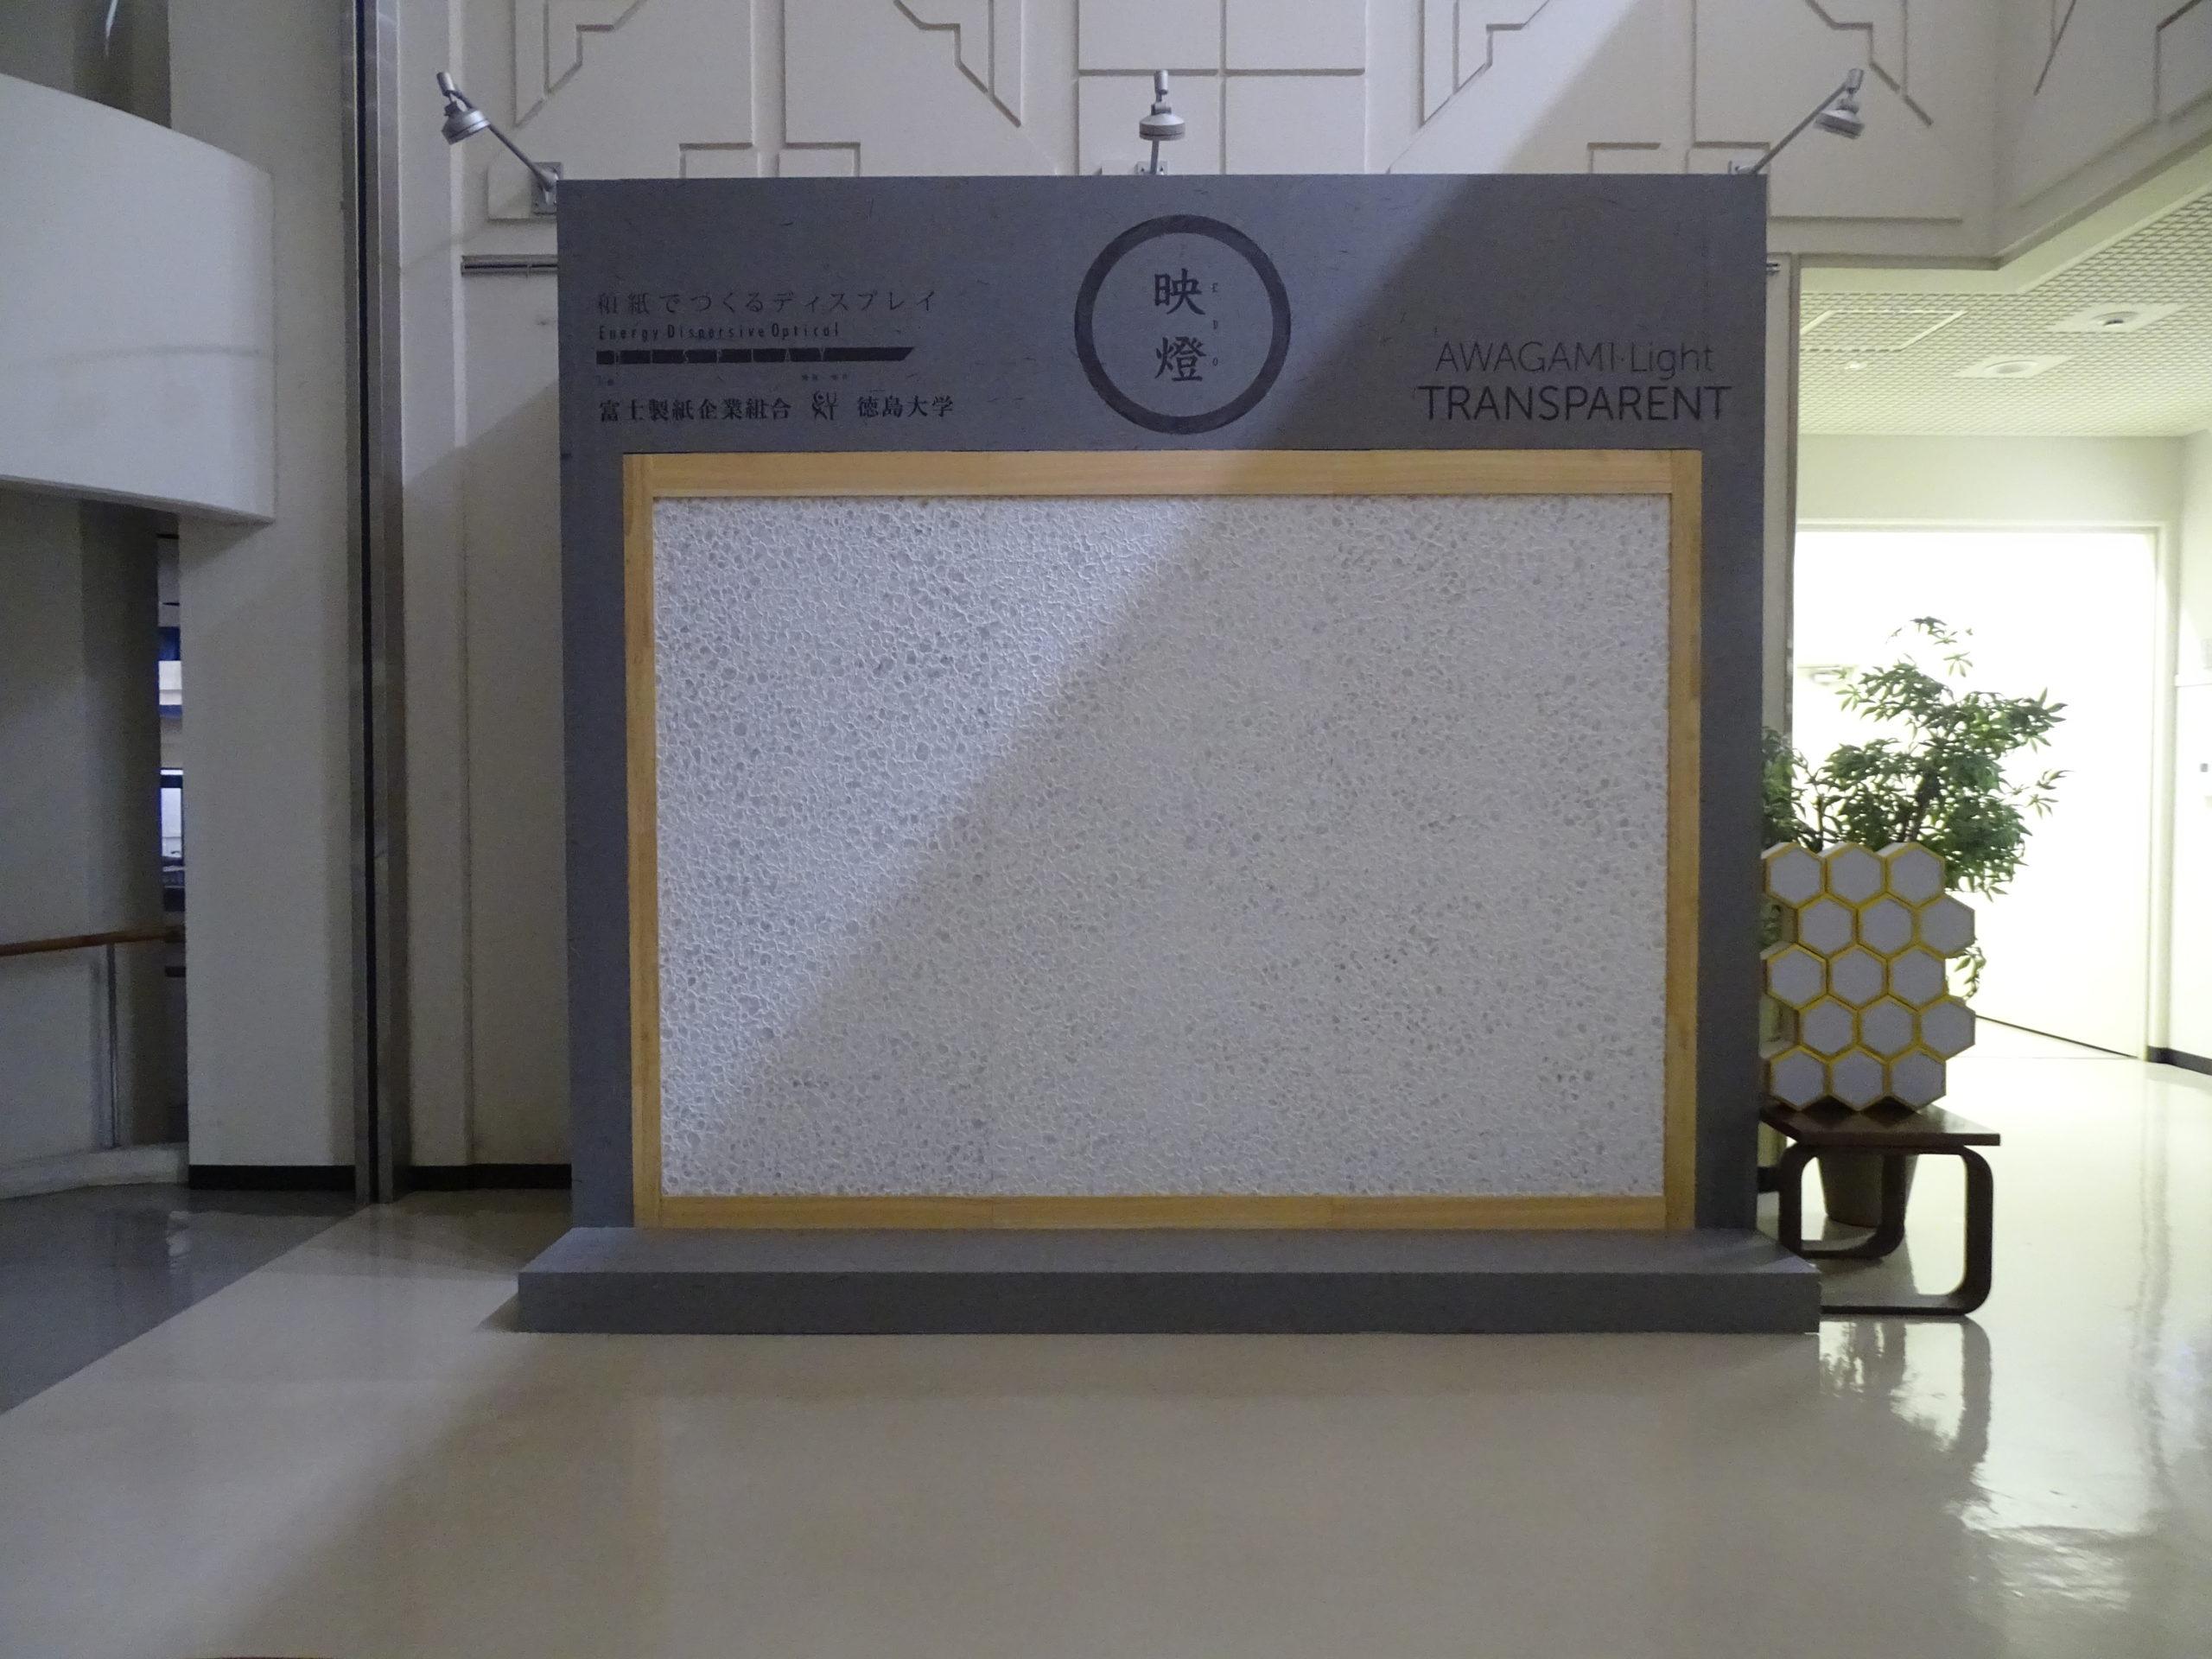 Honeycomb LED Display